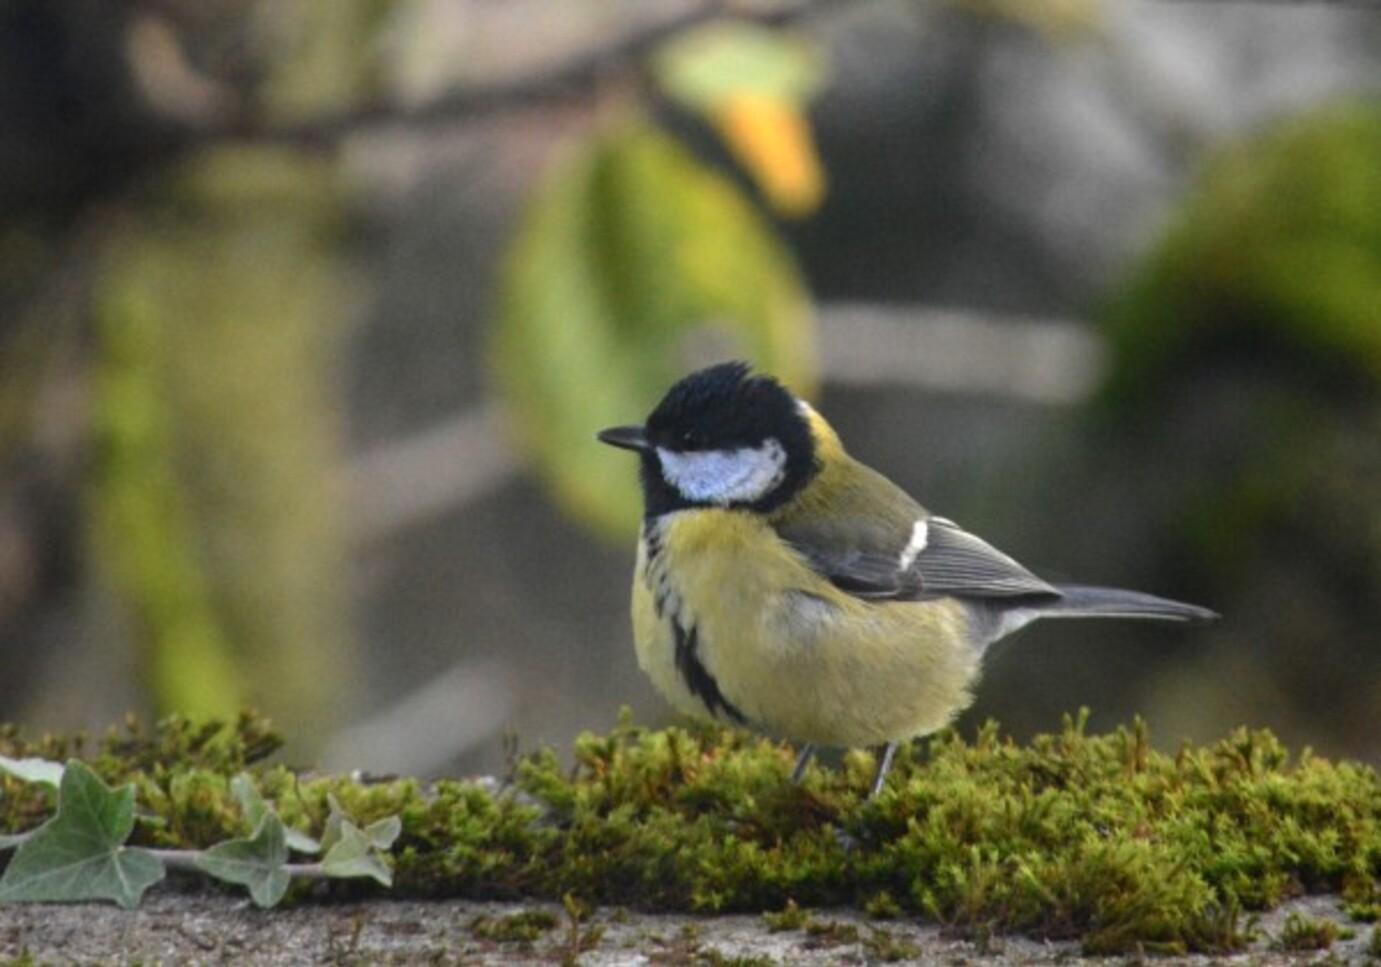 Oiseaux-2-5000a.jpg